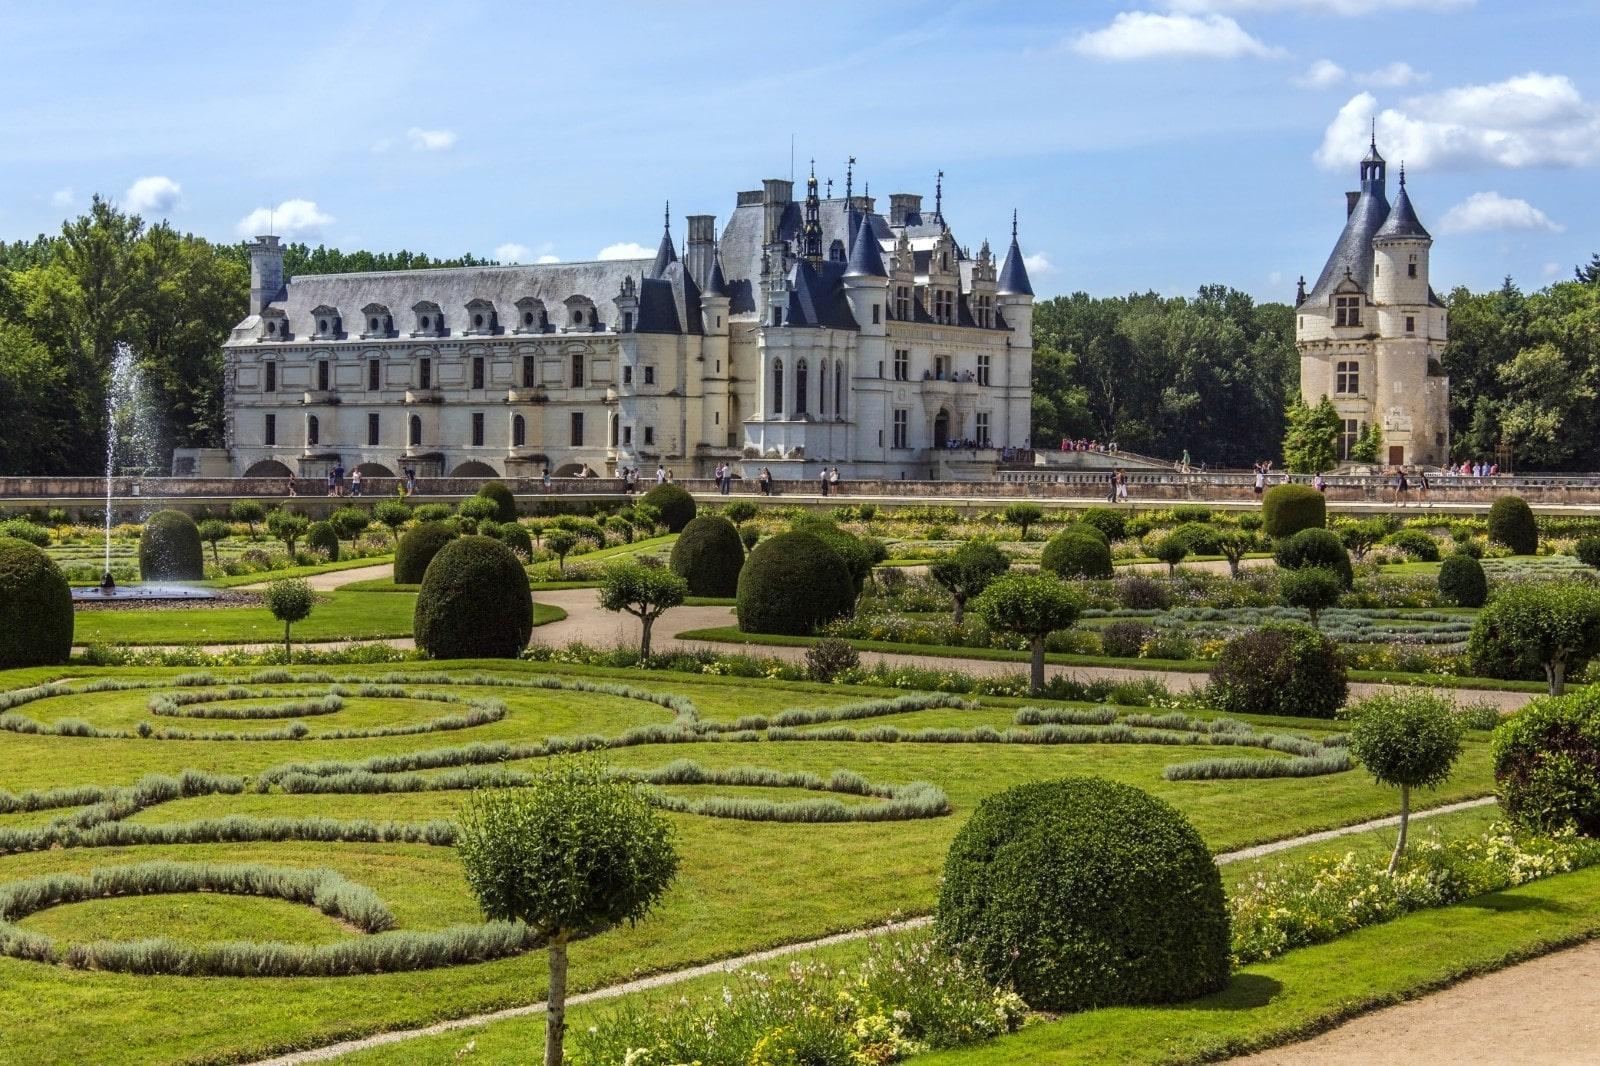 Un altro scorcio dei giardini di Diana de Poitiers con vista sulla torre.